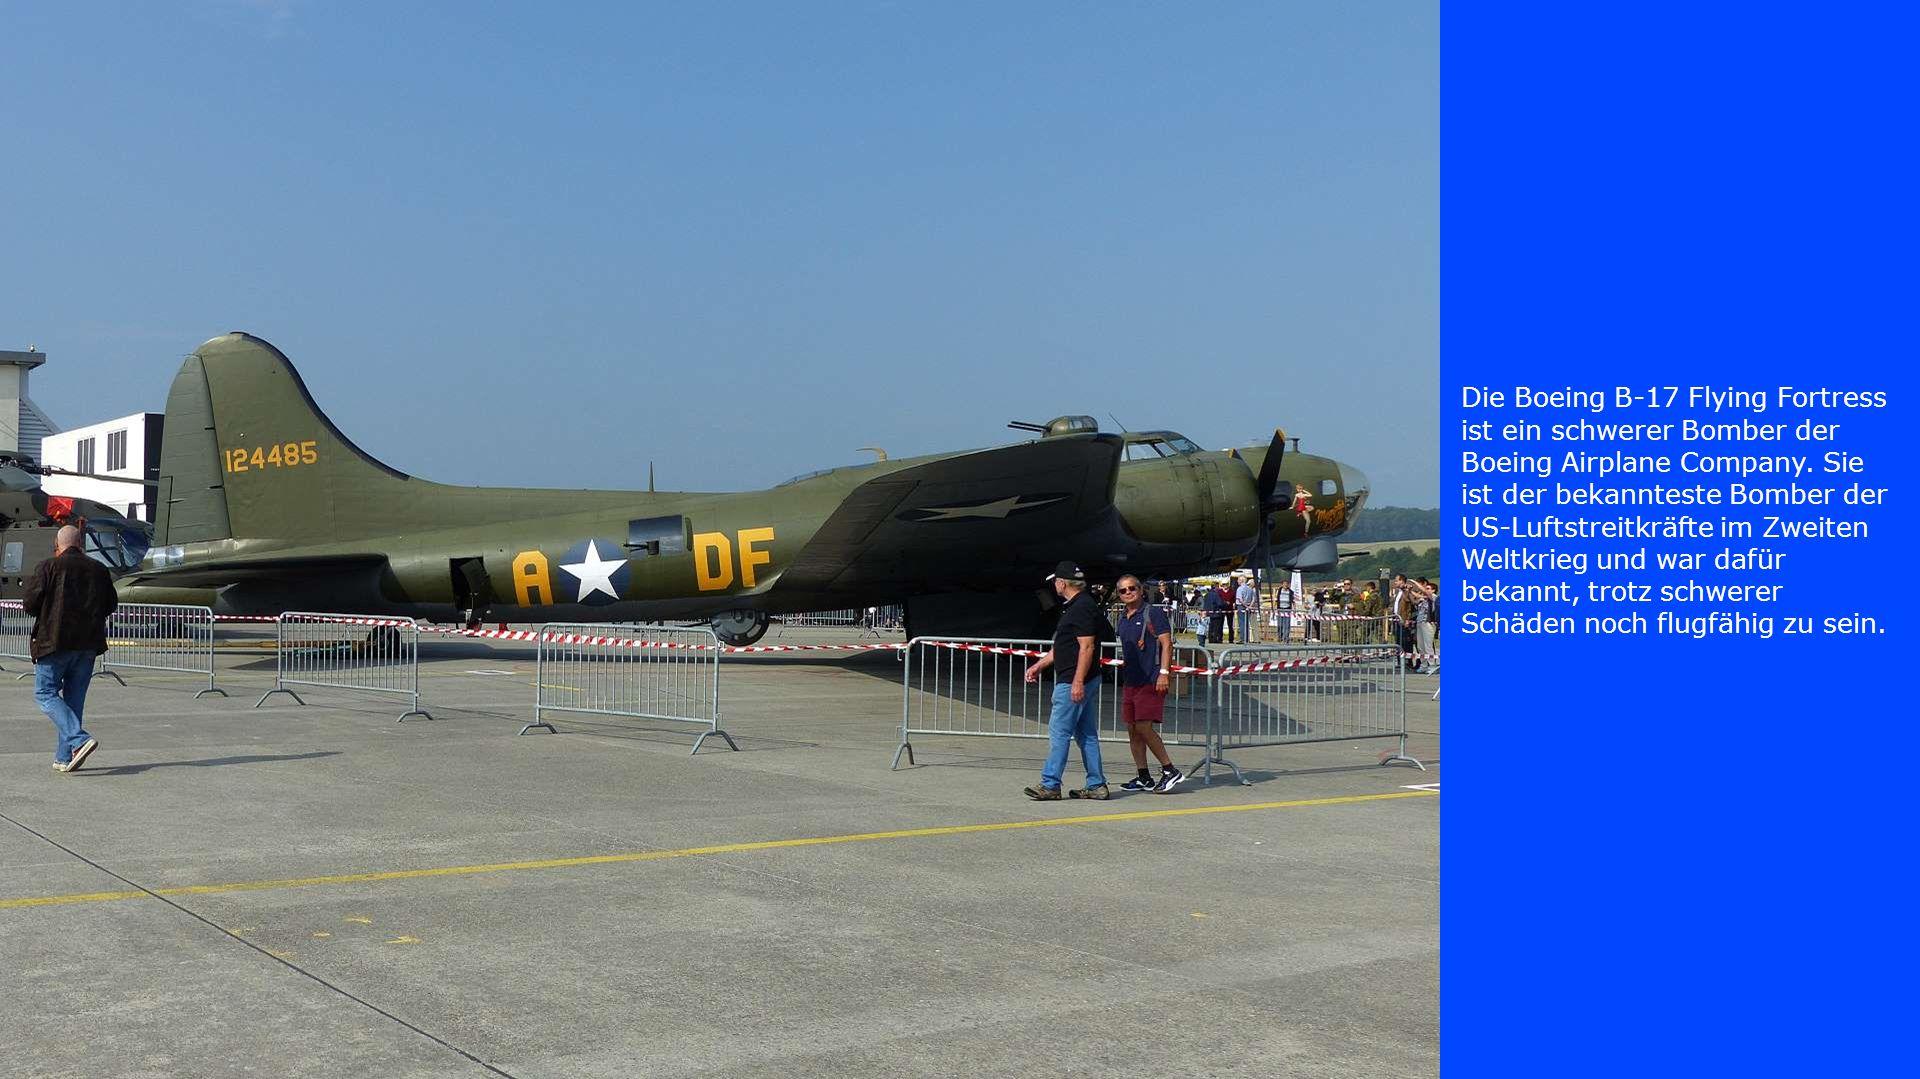 Die Boeing B-17 Flying Fortress ist ein schwerer Bomber der Boeing Airplane Company.